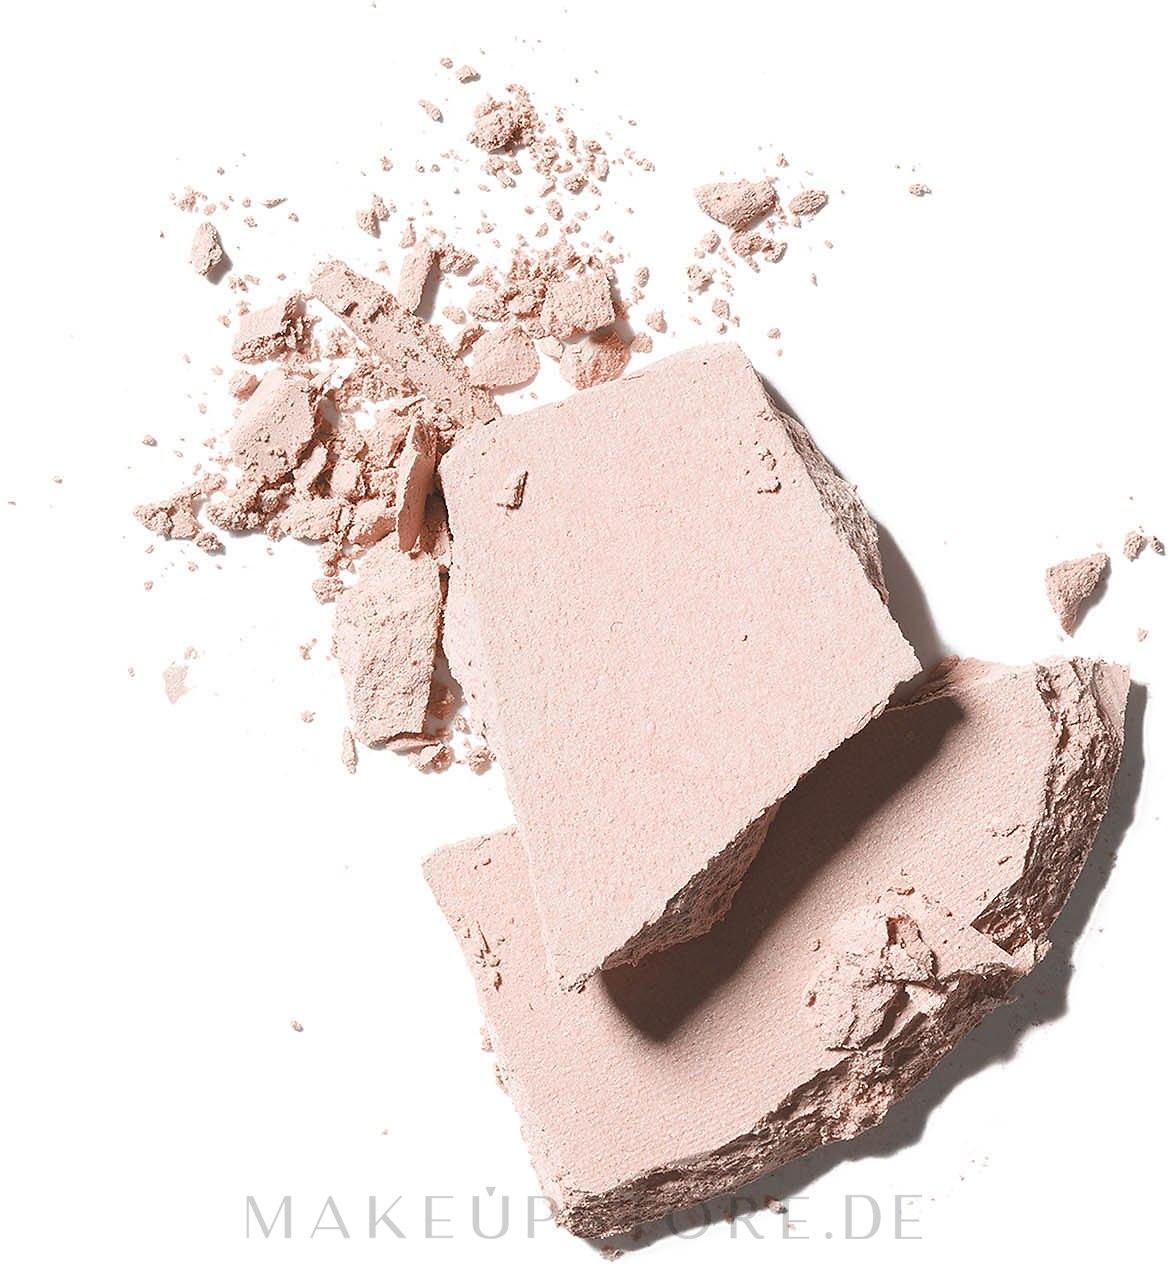 Gepresster Puder gegen Problemhaut - La Mer The Sheer Pressed Powder — Bild 02 - Translucen